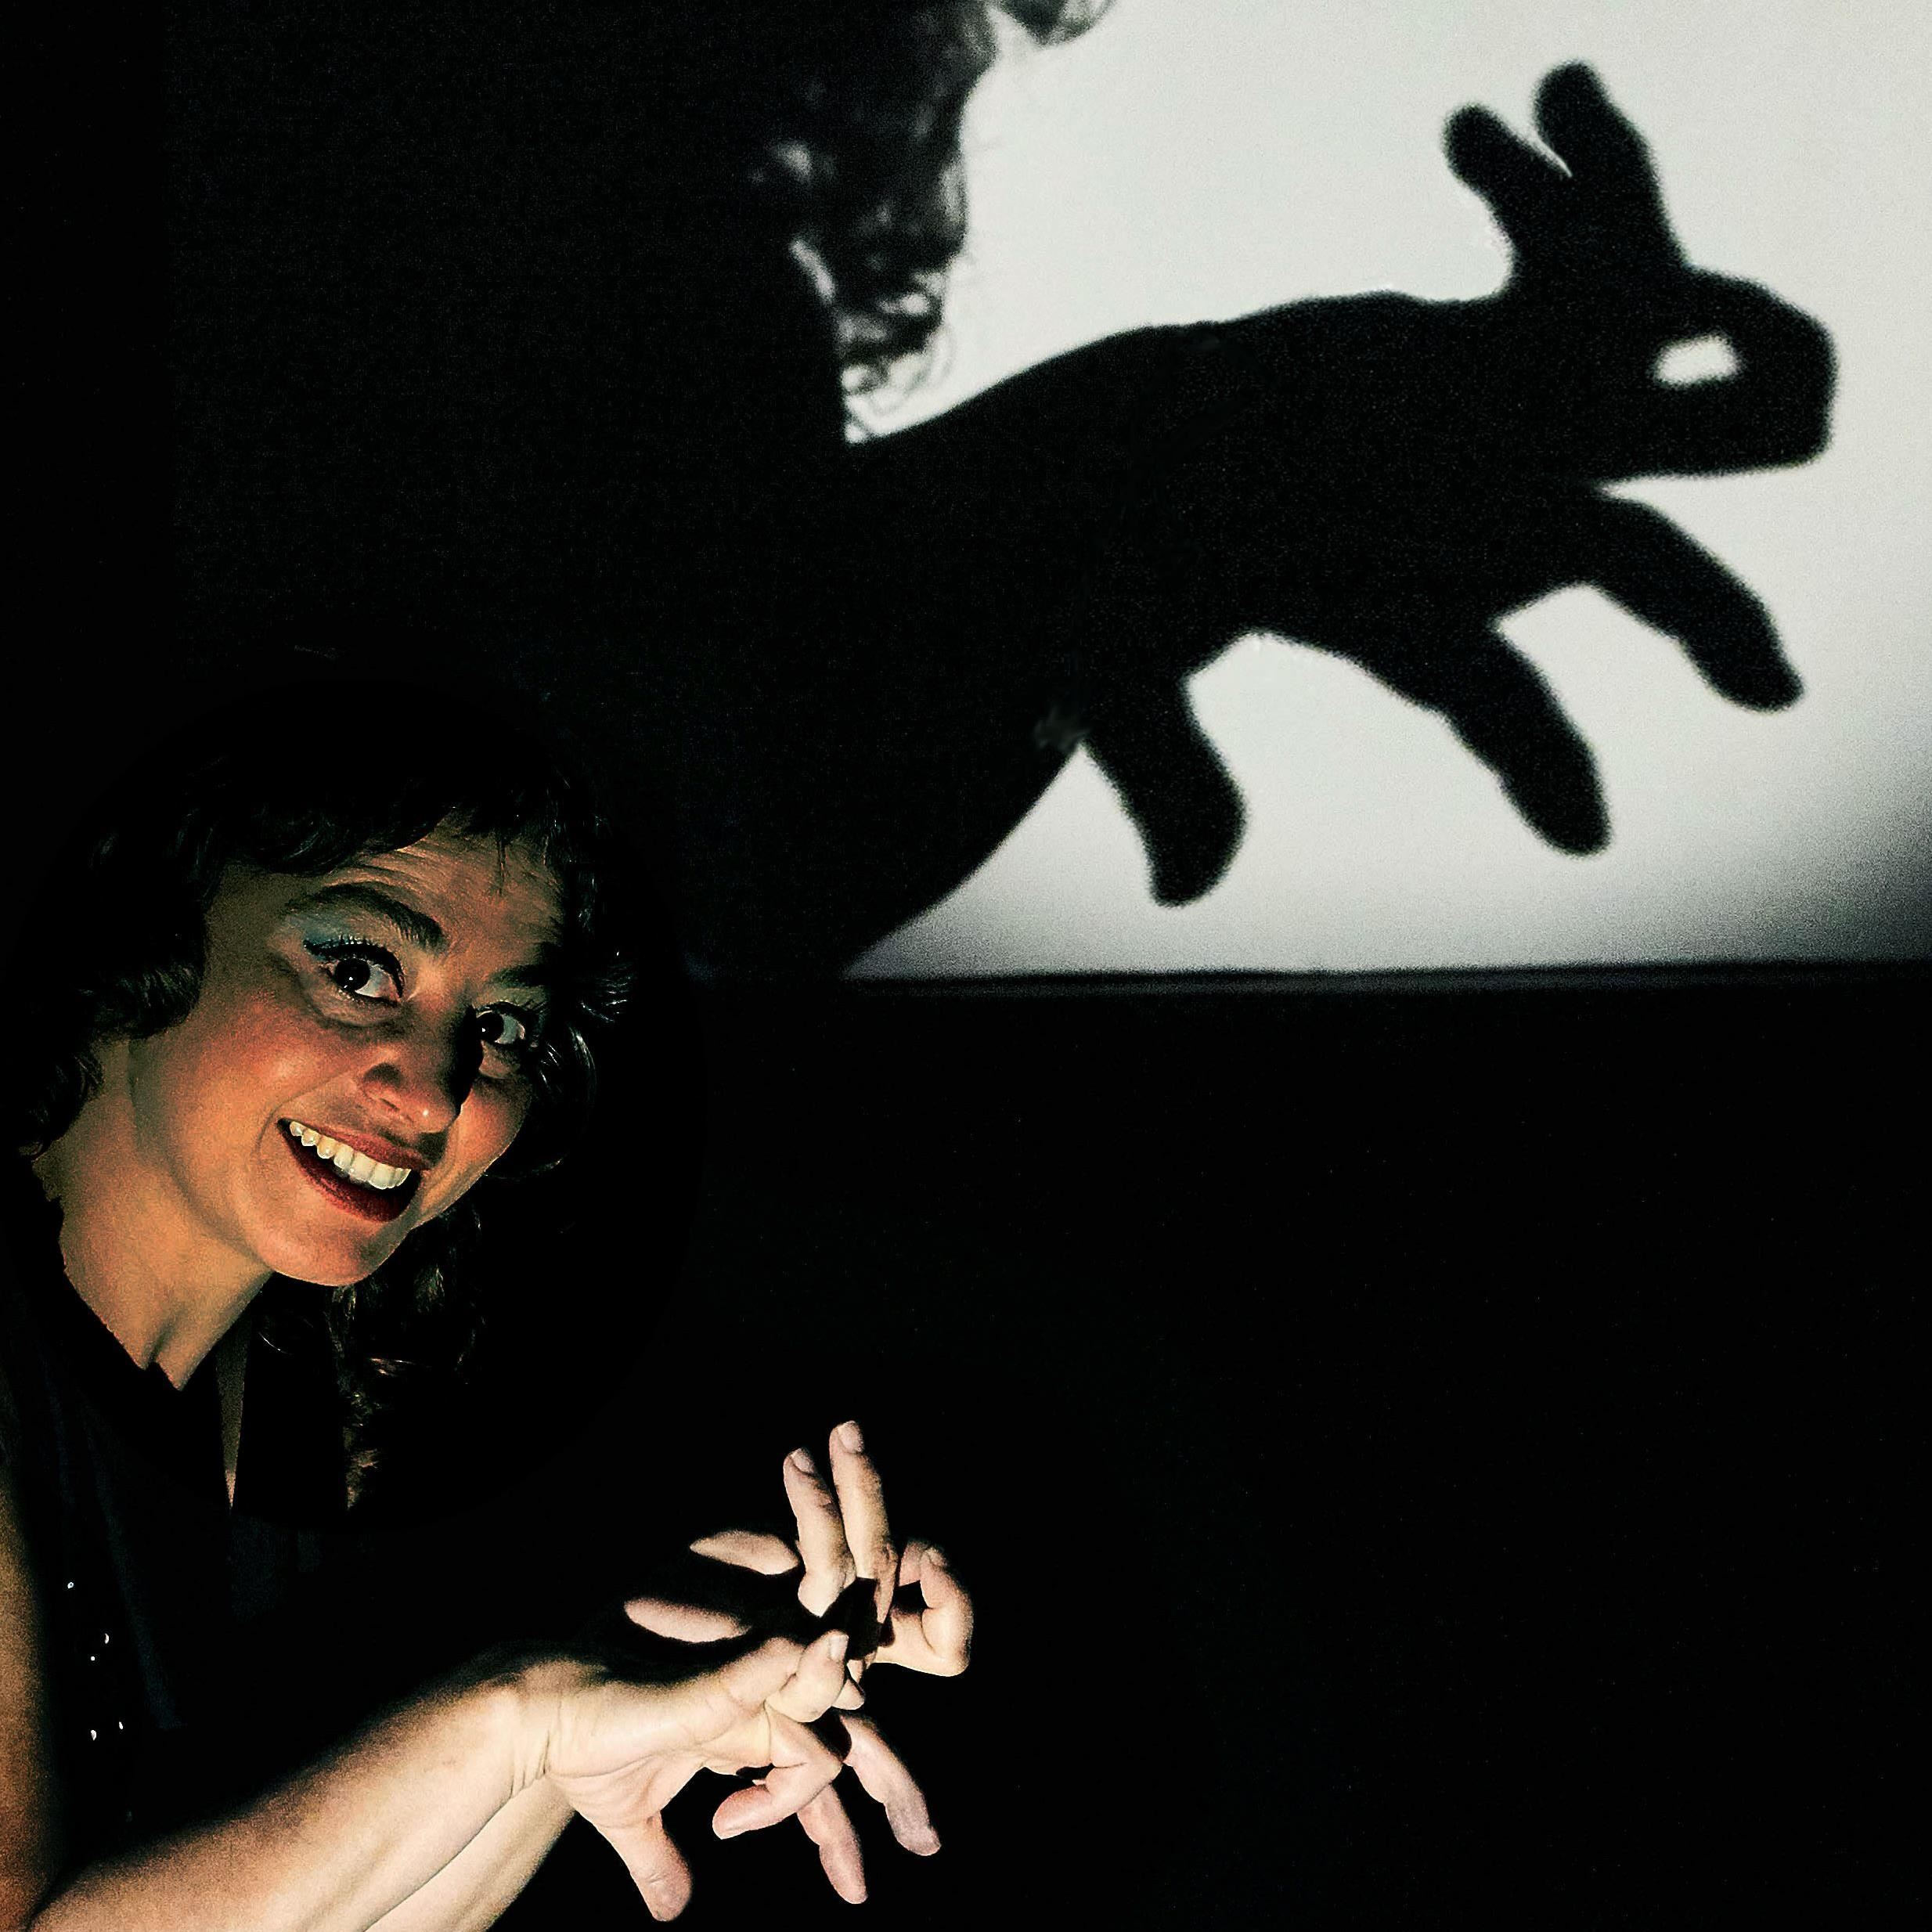 © Valeria Guglietti, Skuggteater från Barcelona